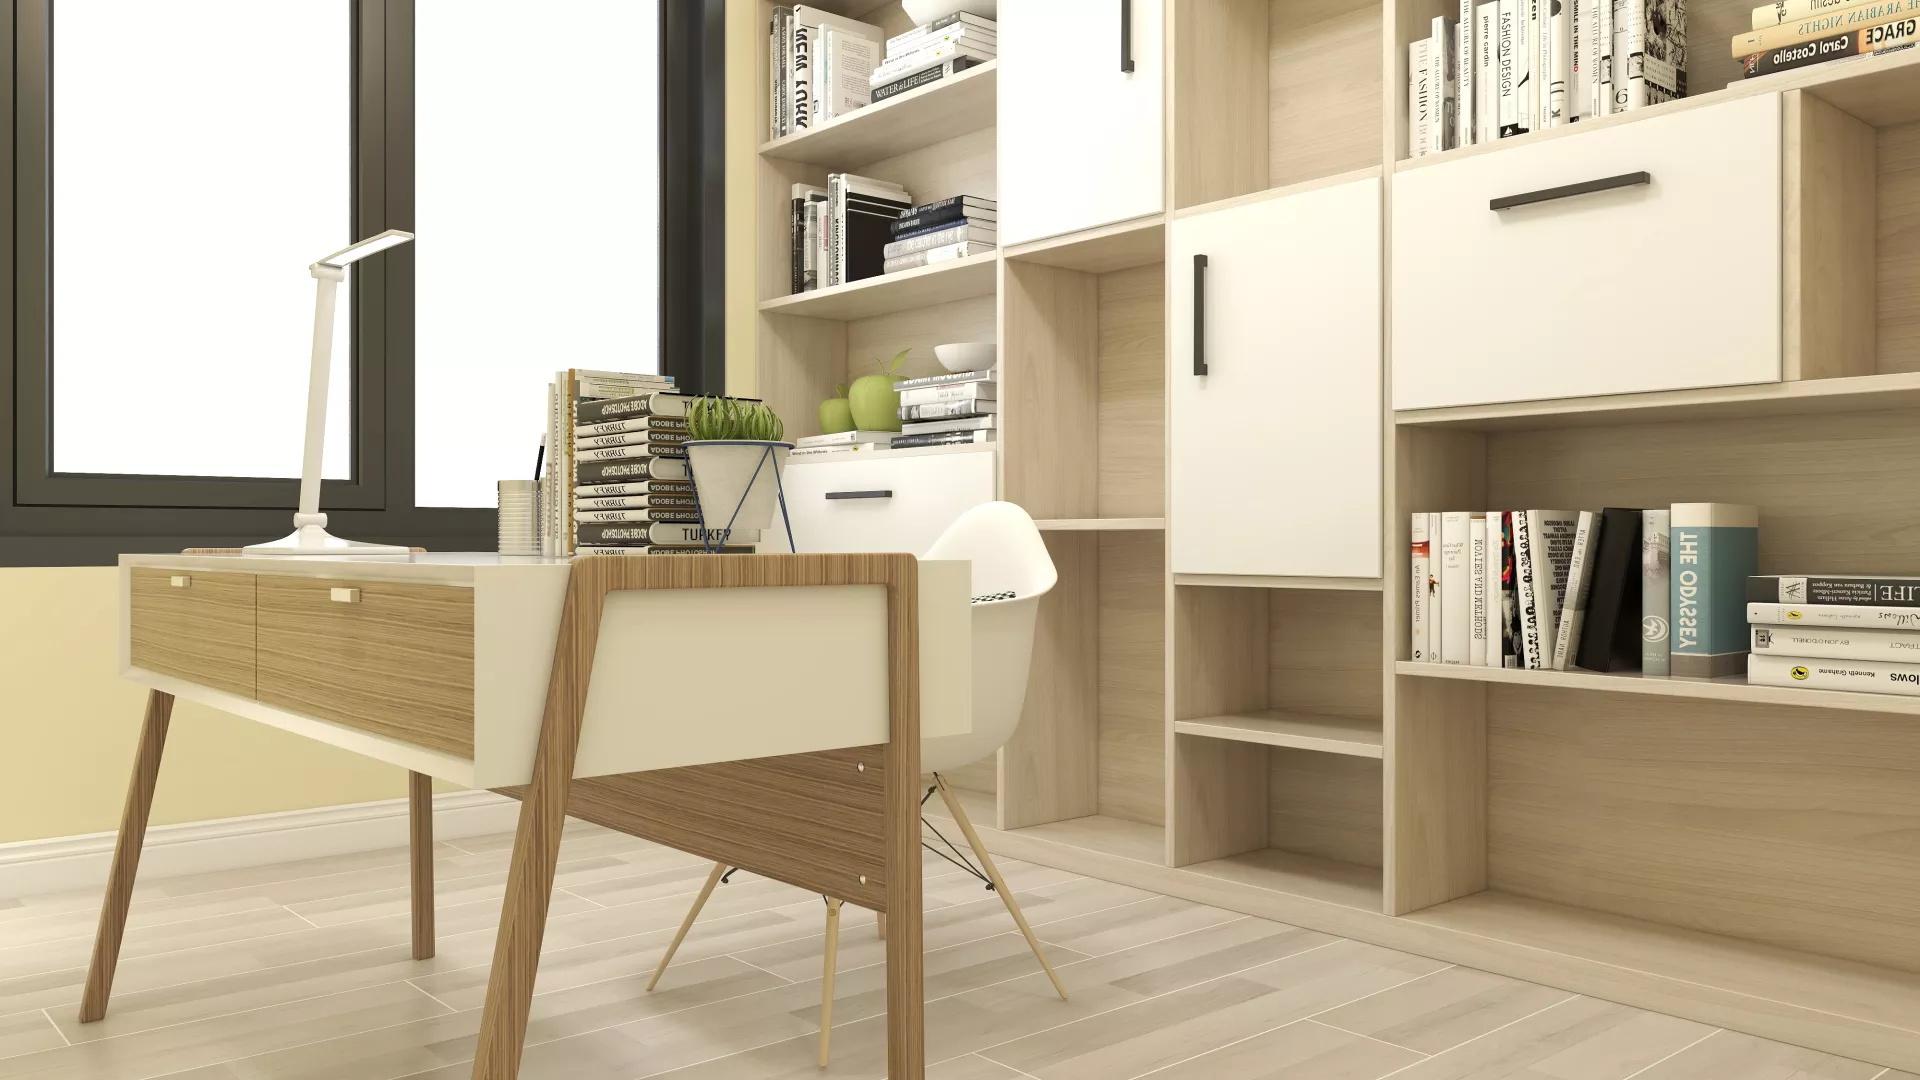 原木桌椅品牌哪些好 原木桌椅如何选购